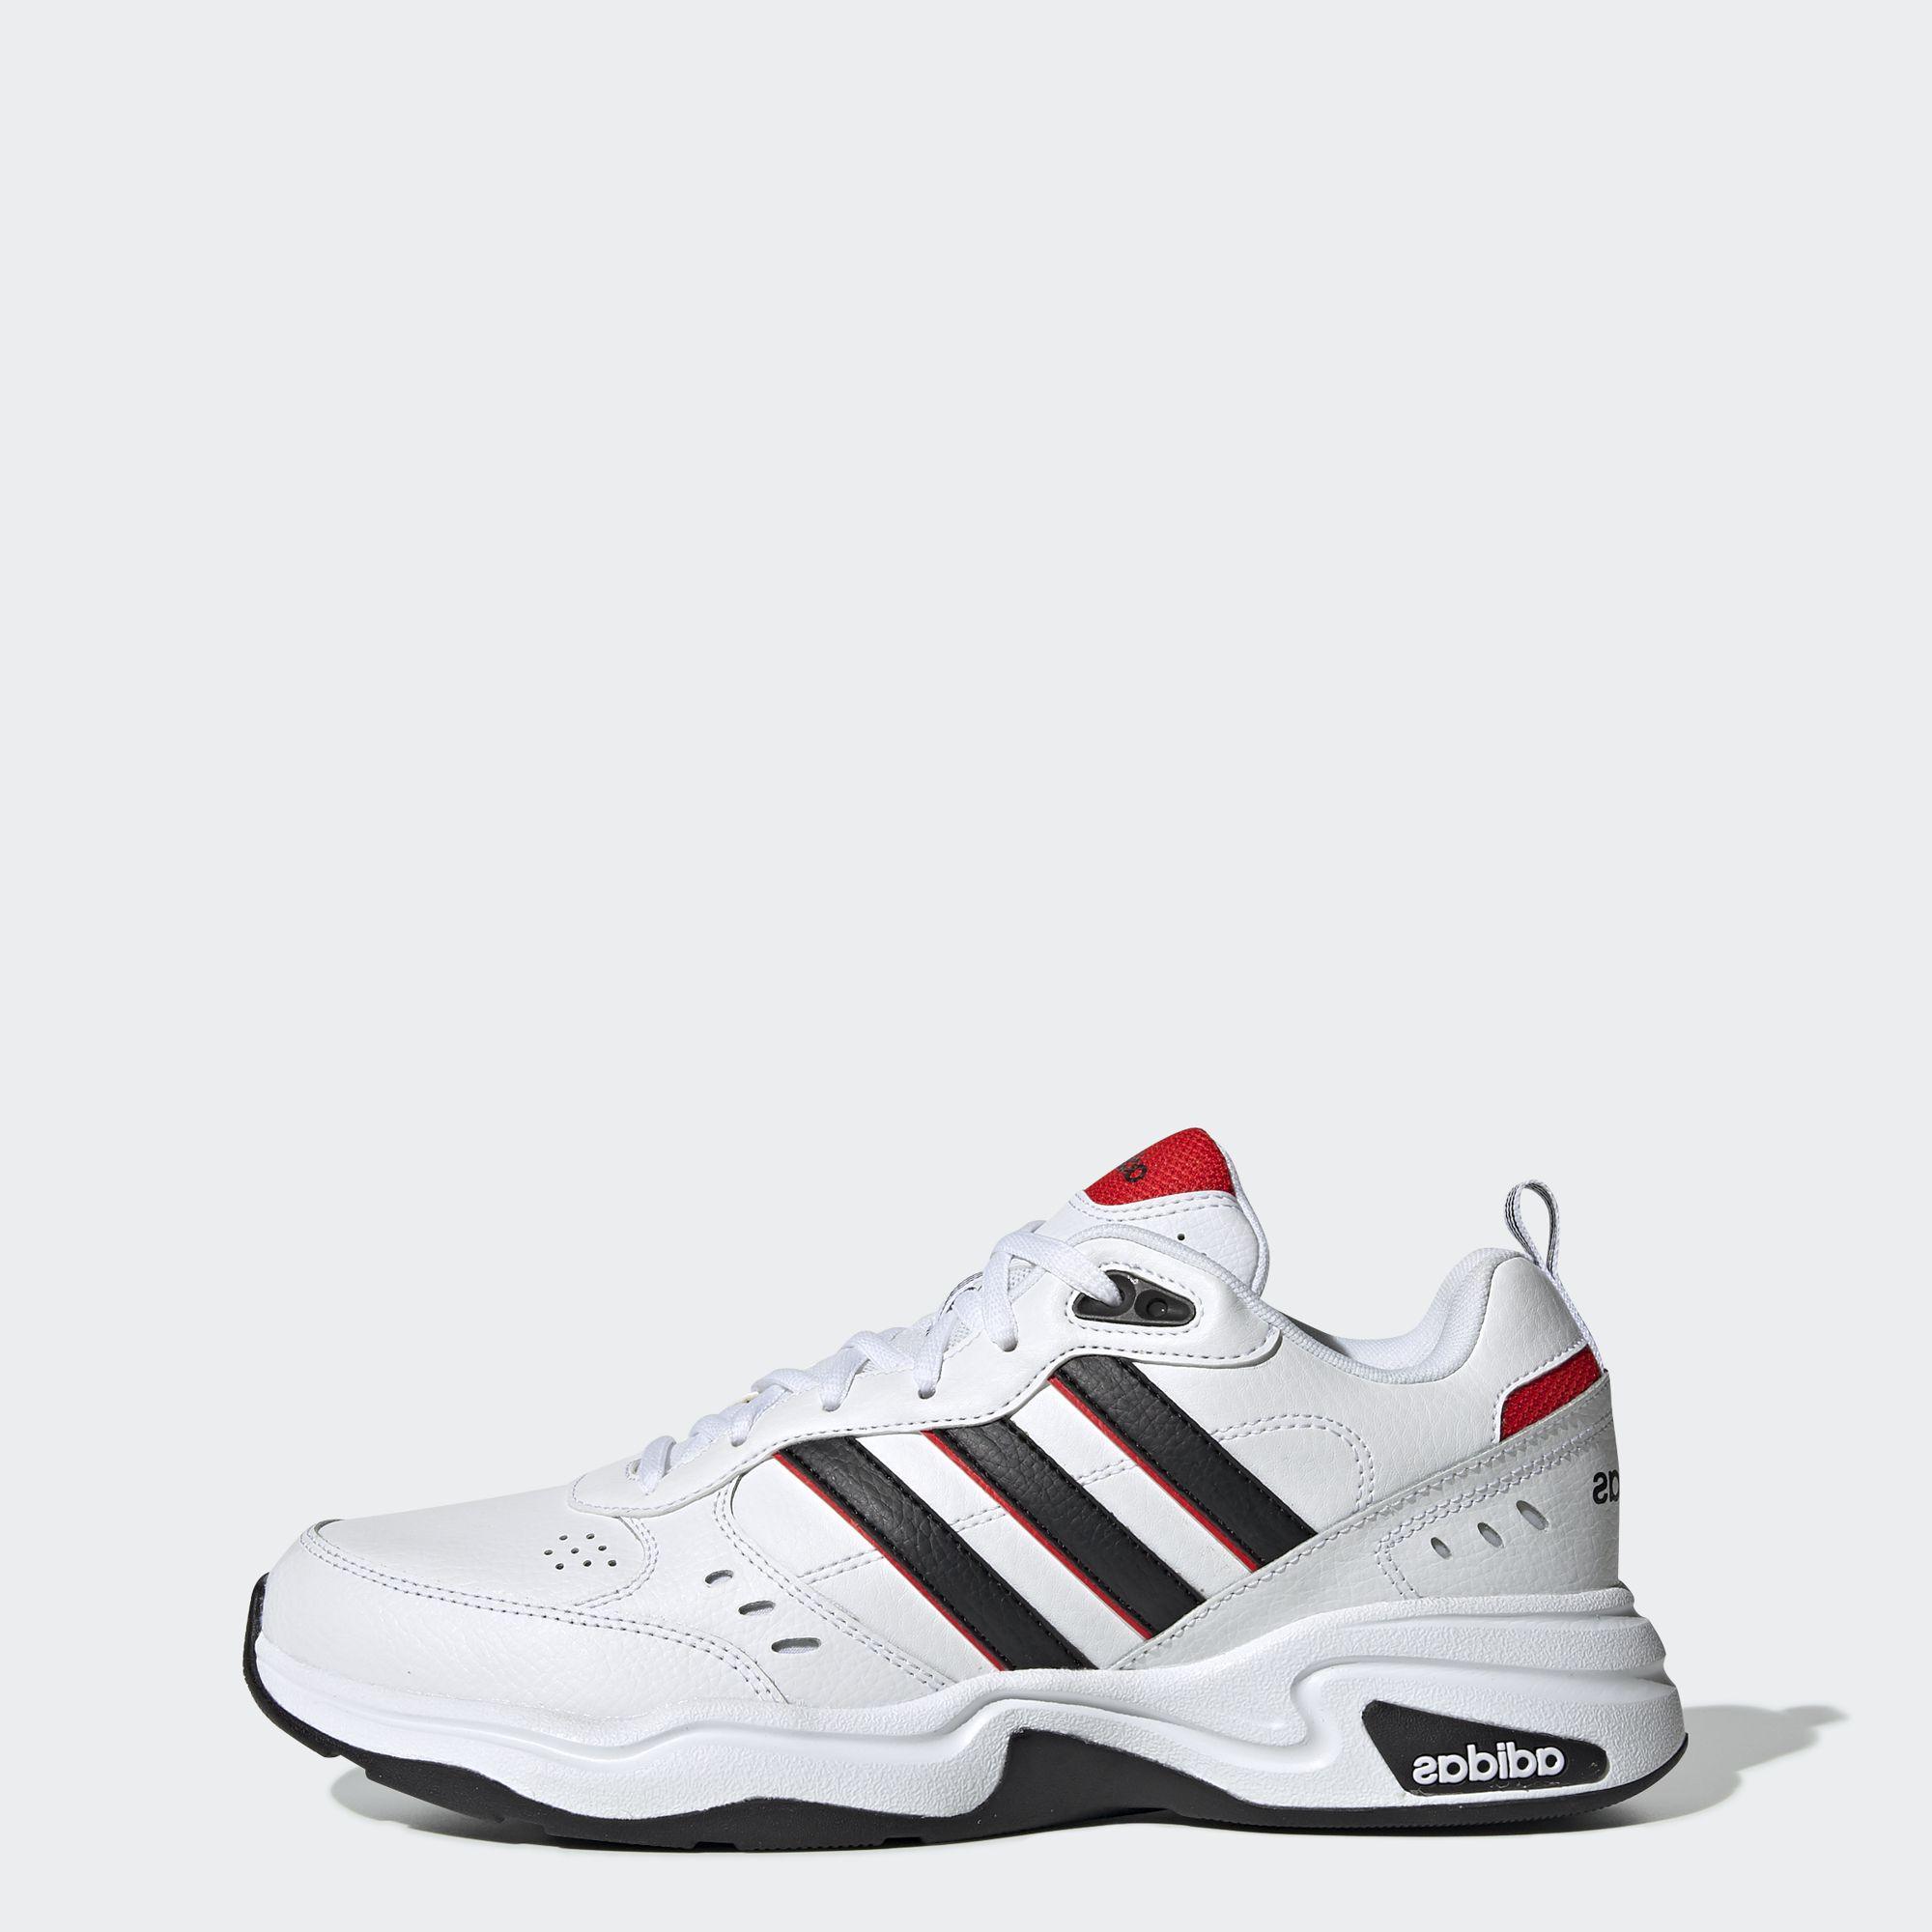 Mã Khuyến Mãi tại Lazada cho Adidas TRAINING Giày Strutter Nam Màu Trắng EG2655